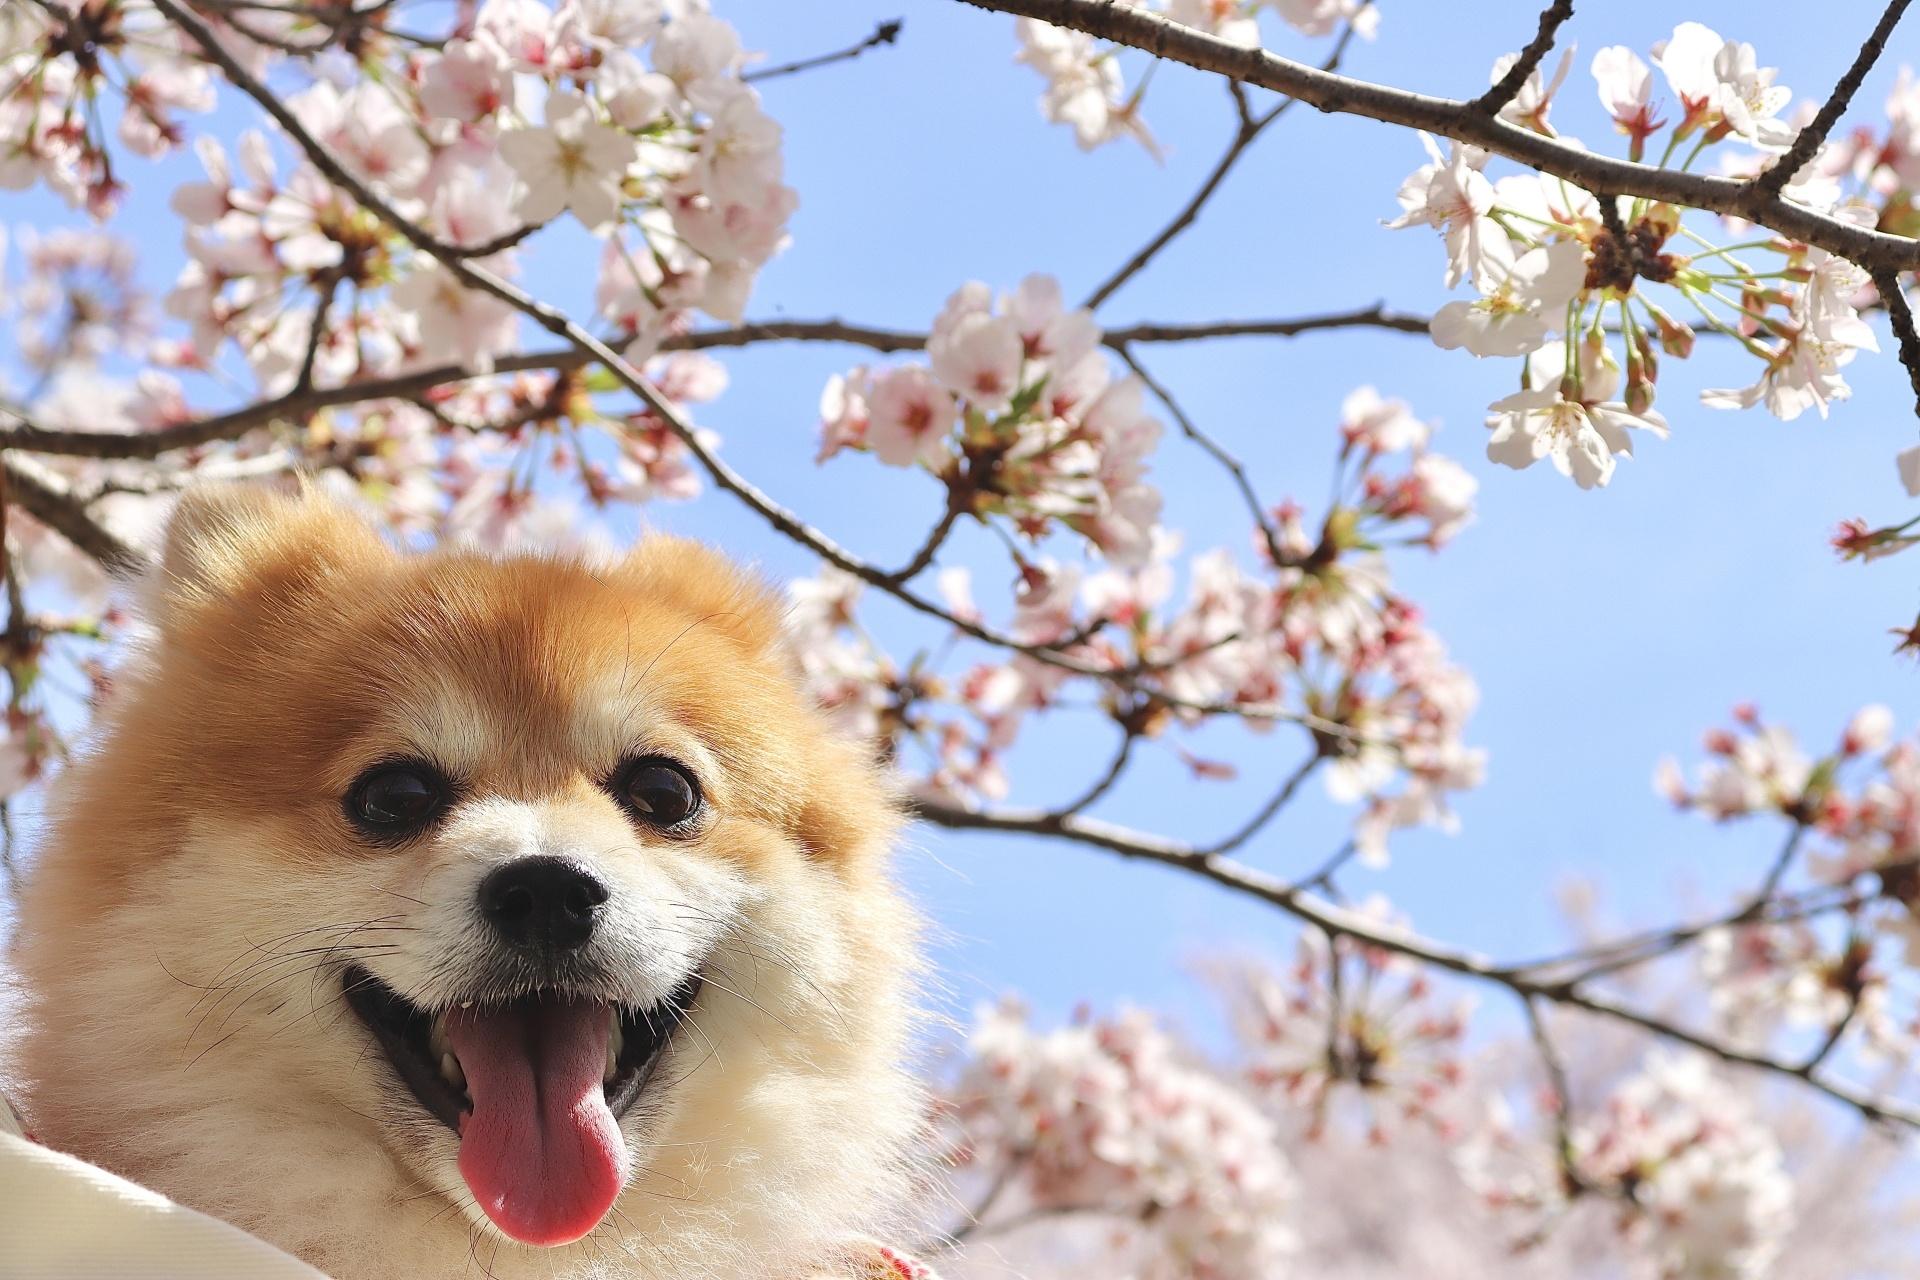 桜の木を背景に微笑んでいる犬。